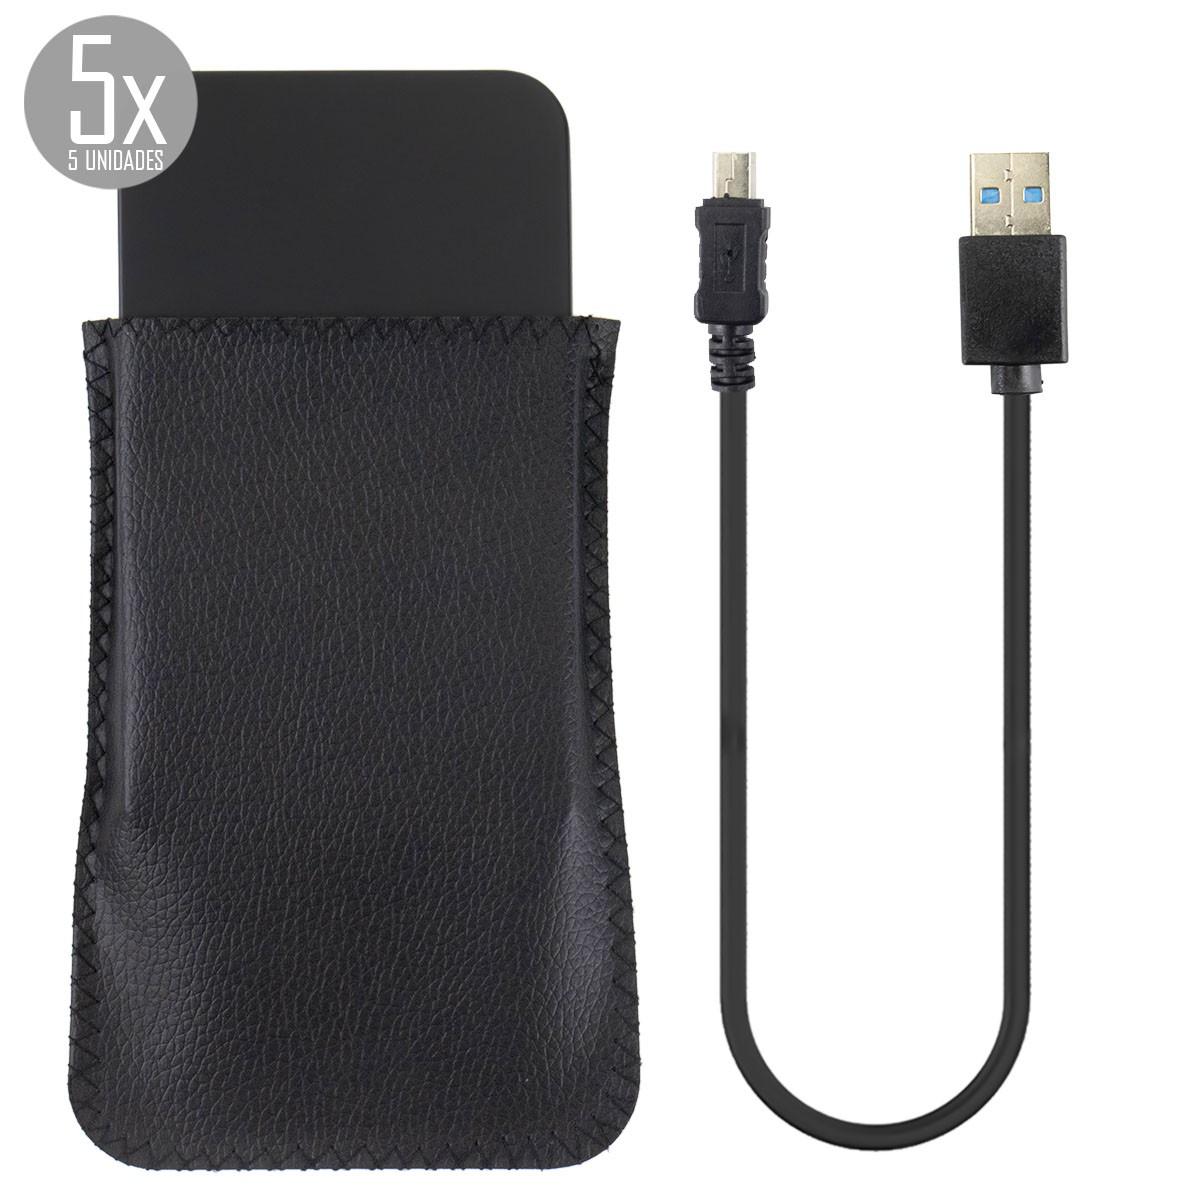 KIT 5x Case para HD de Notebook 2,5